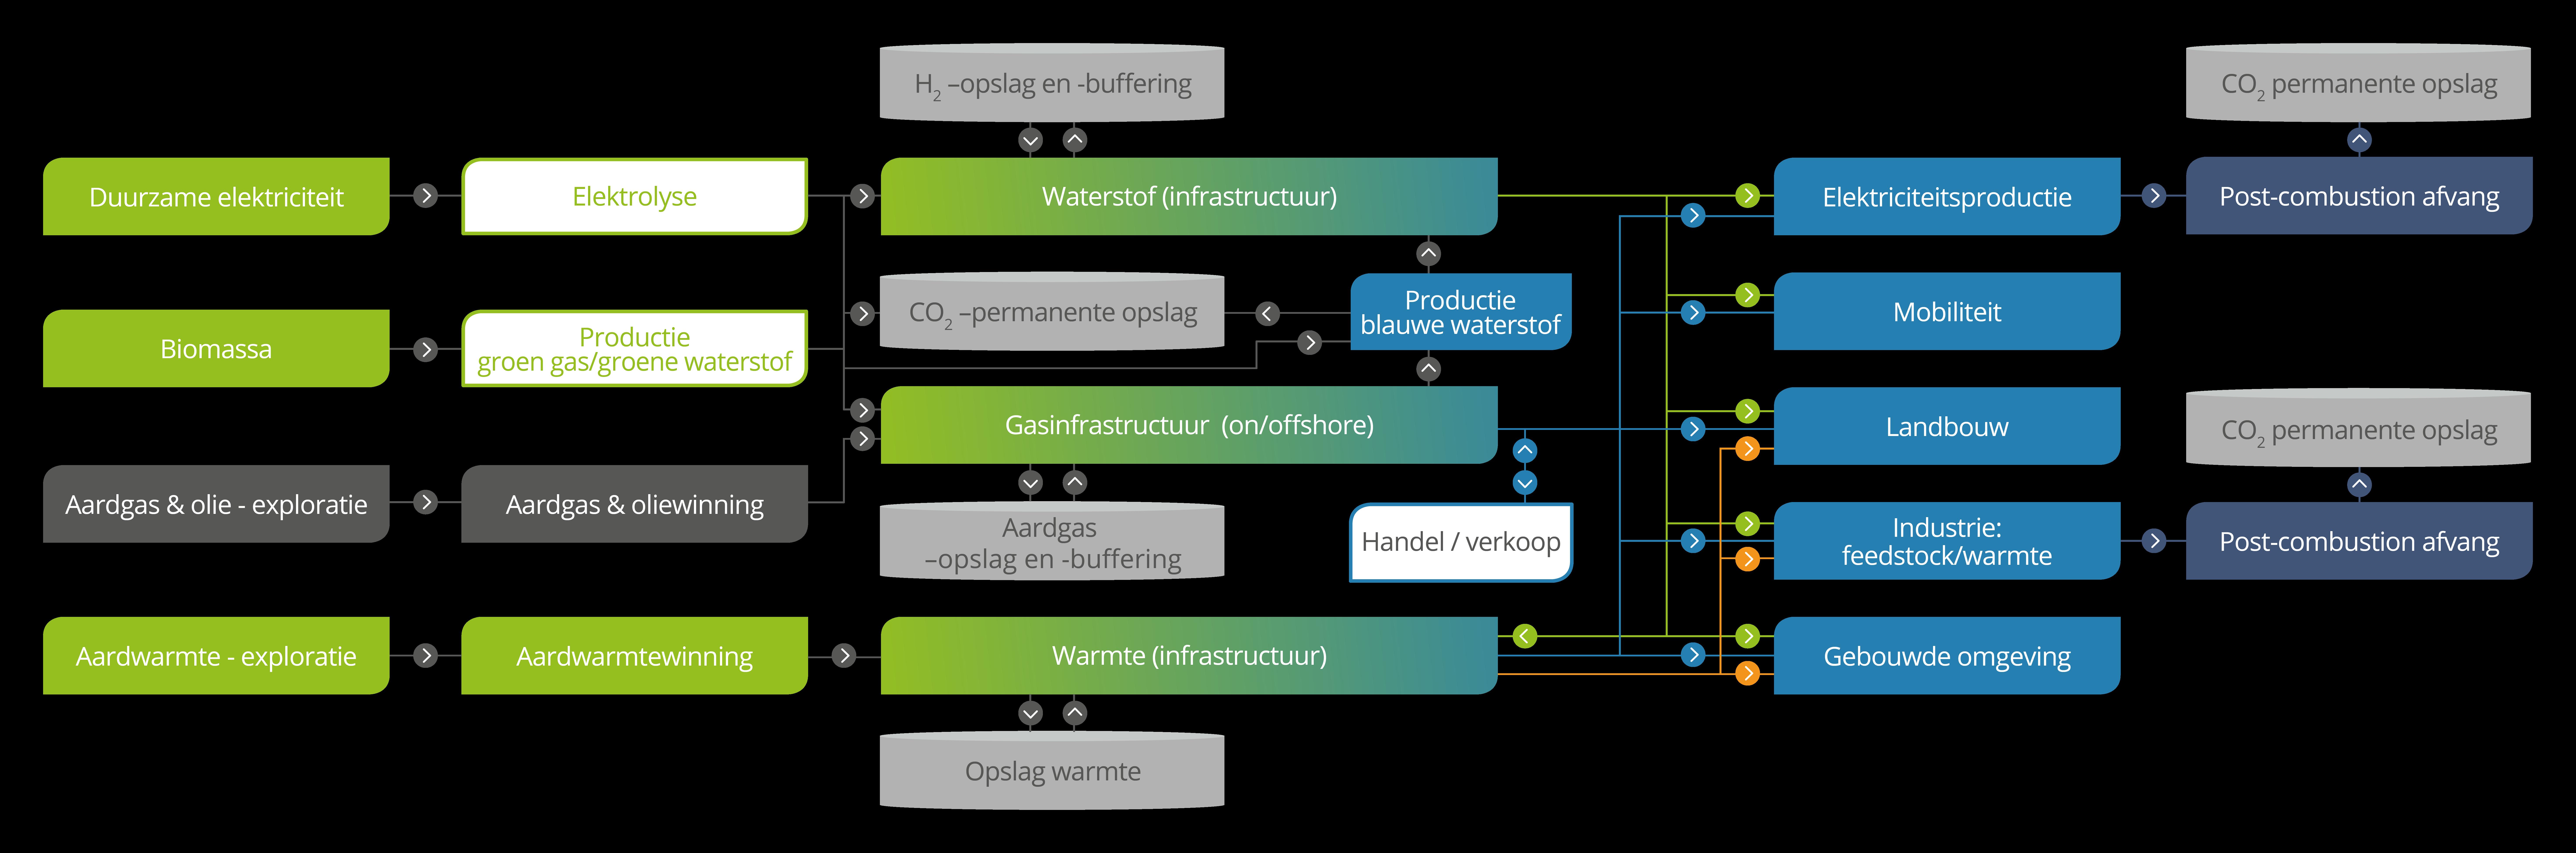 Schematische weergave van de energiewaardeketen